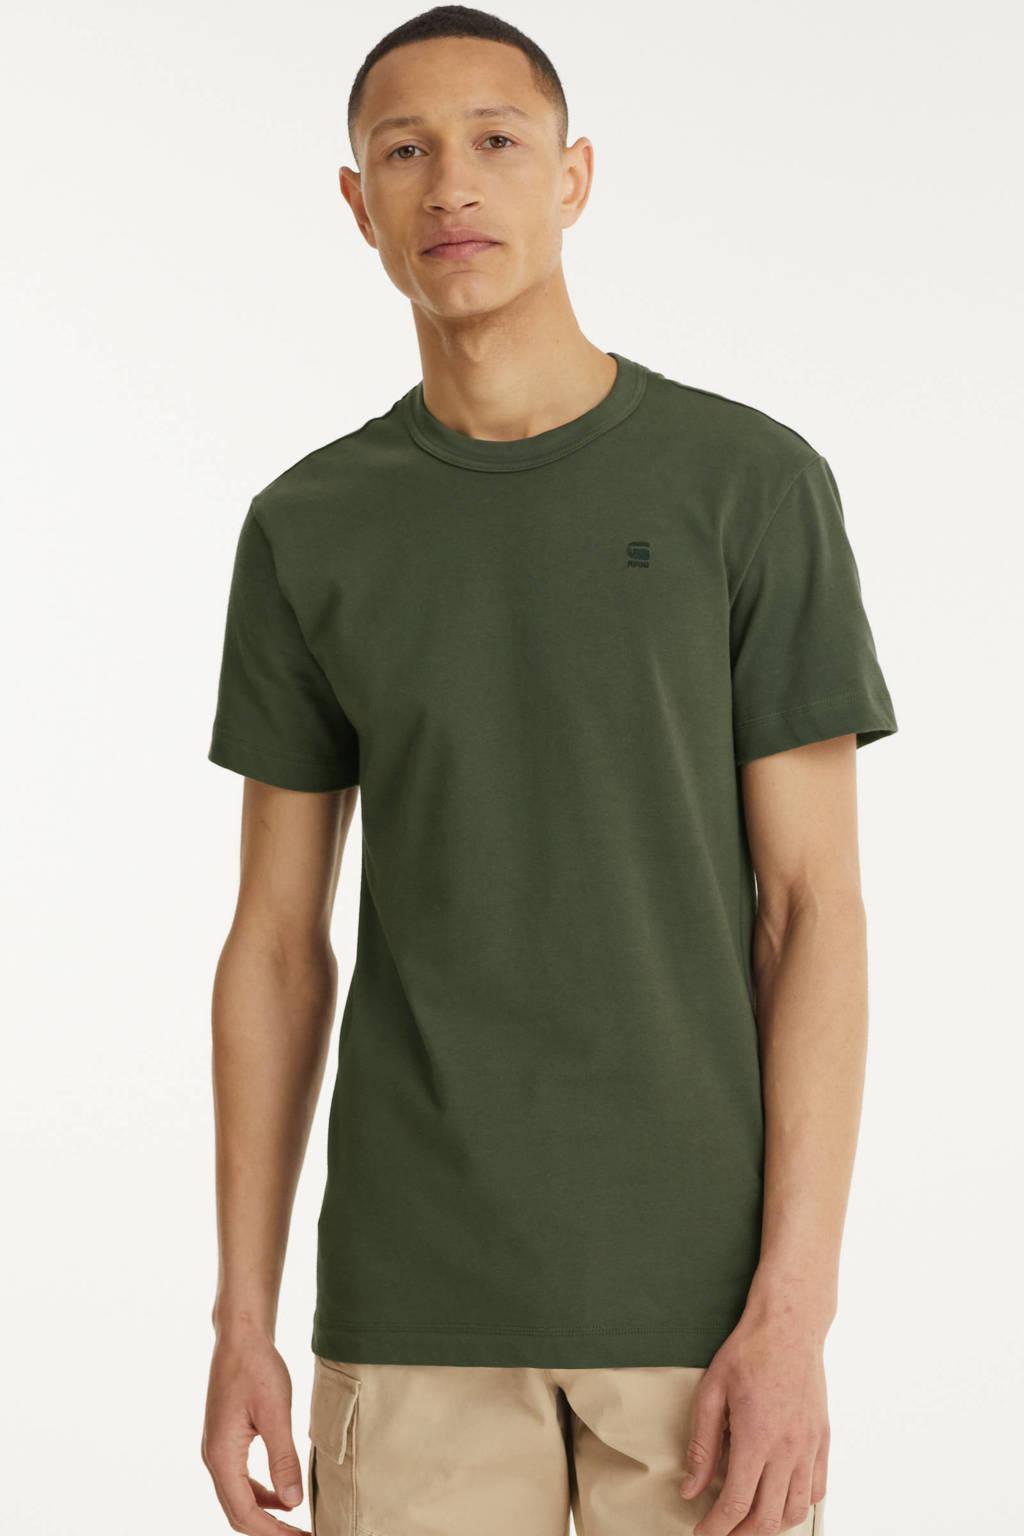 G-Star RAW T-shirt Stem met logo donkergroen, Donkergroen